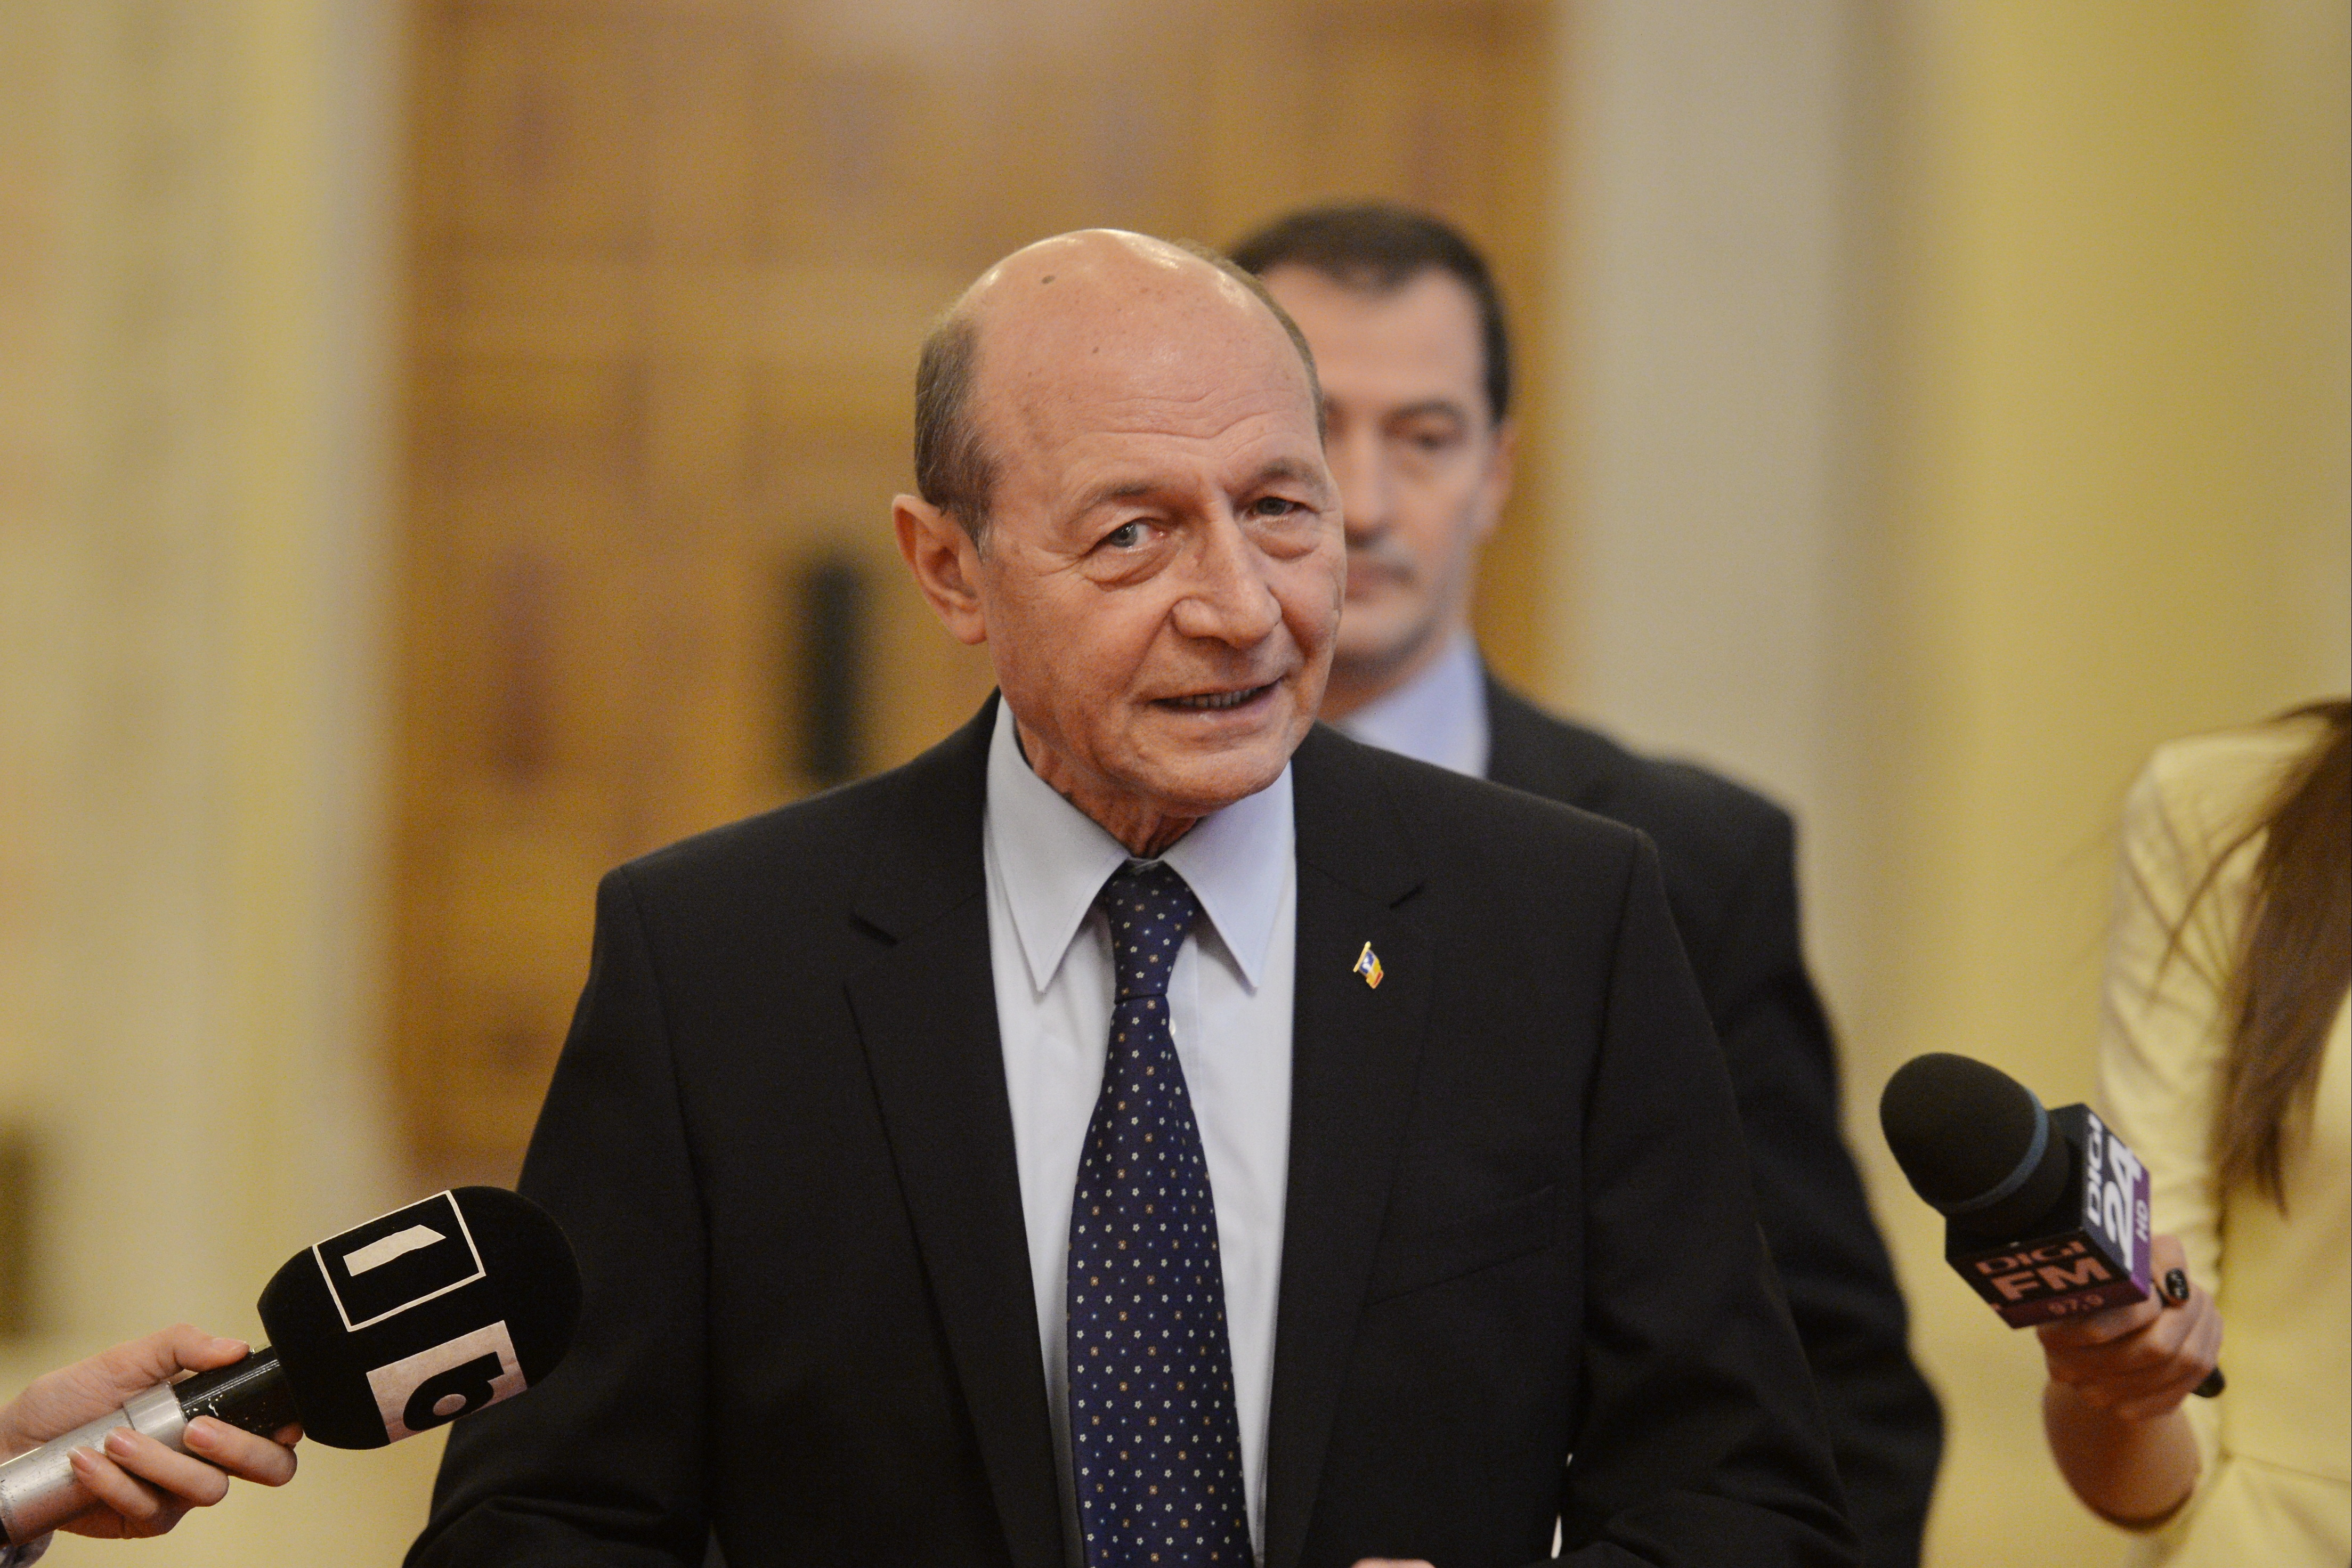 Traian Băsescu, atac la adresa lui Mirel Palada şi avertisment pentru televiziuni: Un individ cu comportament de derbedeu ordinar/ Mihai Goţiu va face plângere penală